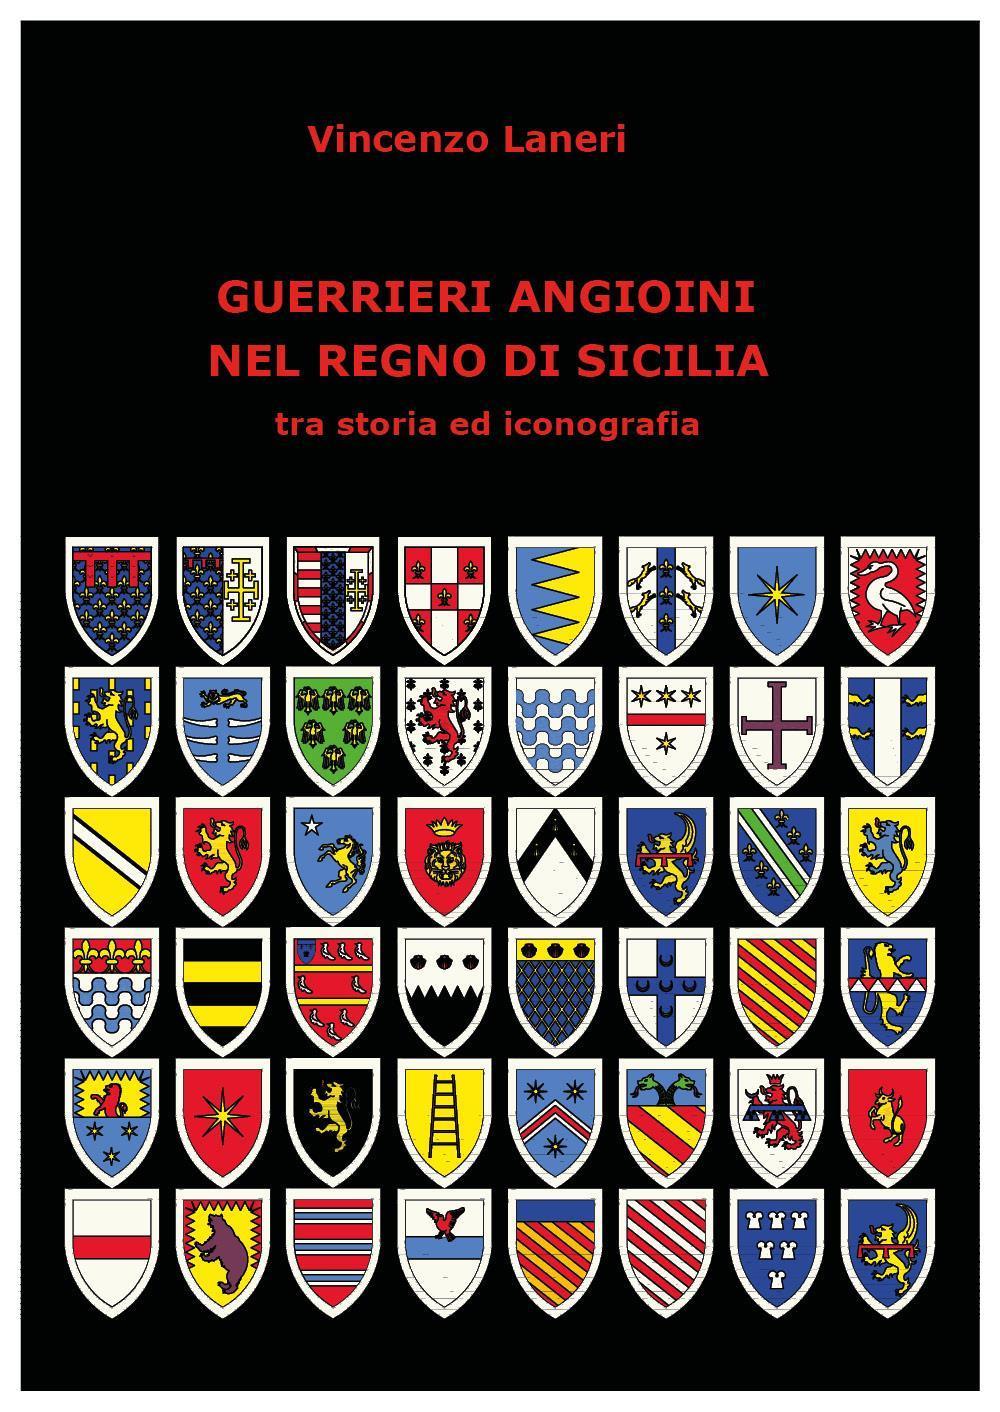 Guerrieri Angioini nel Regno di Sicilia